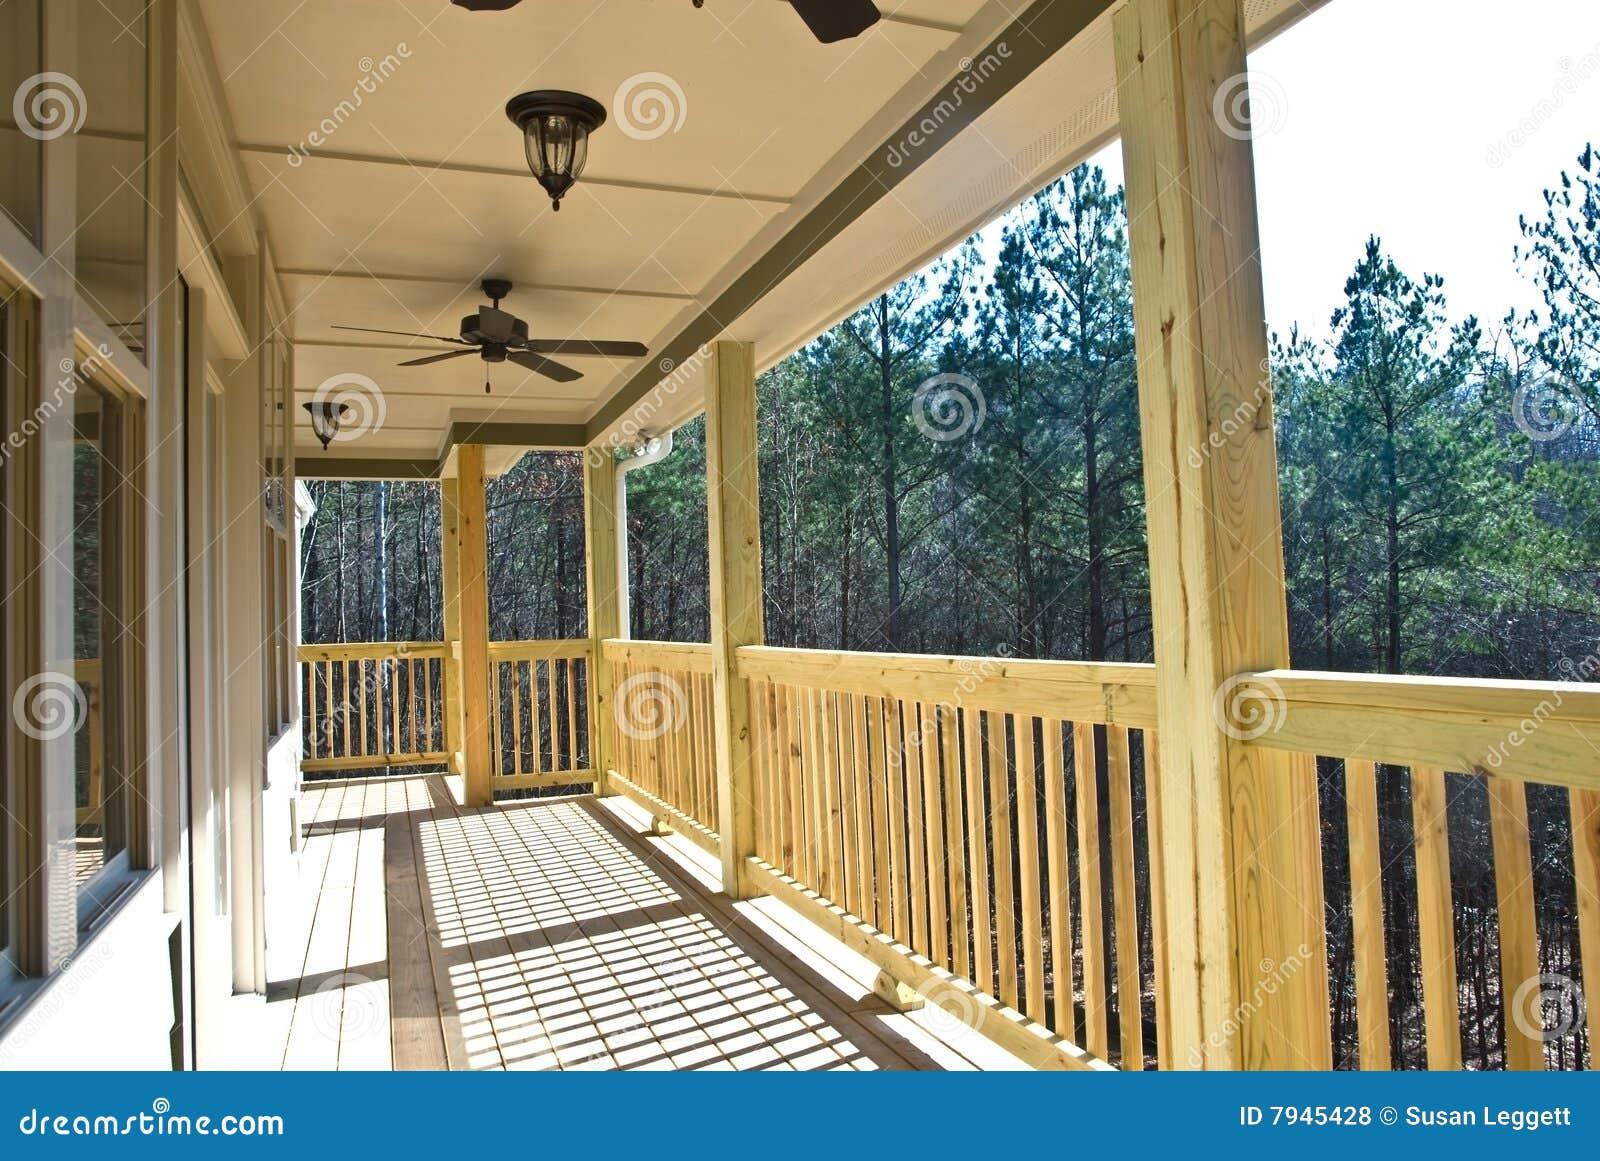 Porche Bois Maison bois de porche de maison de paquet photo stock - image du